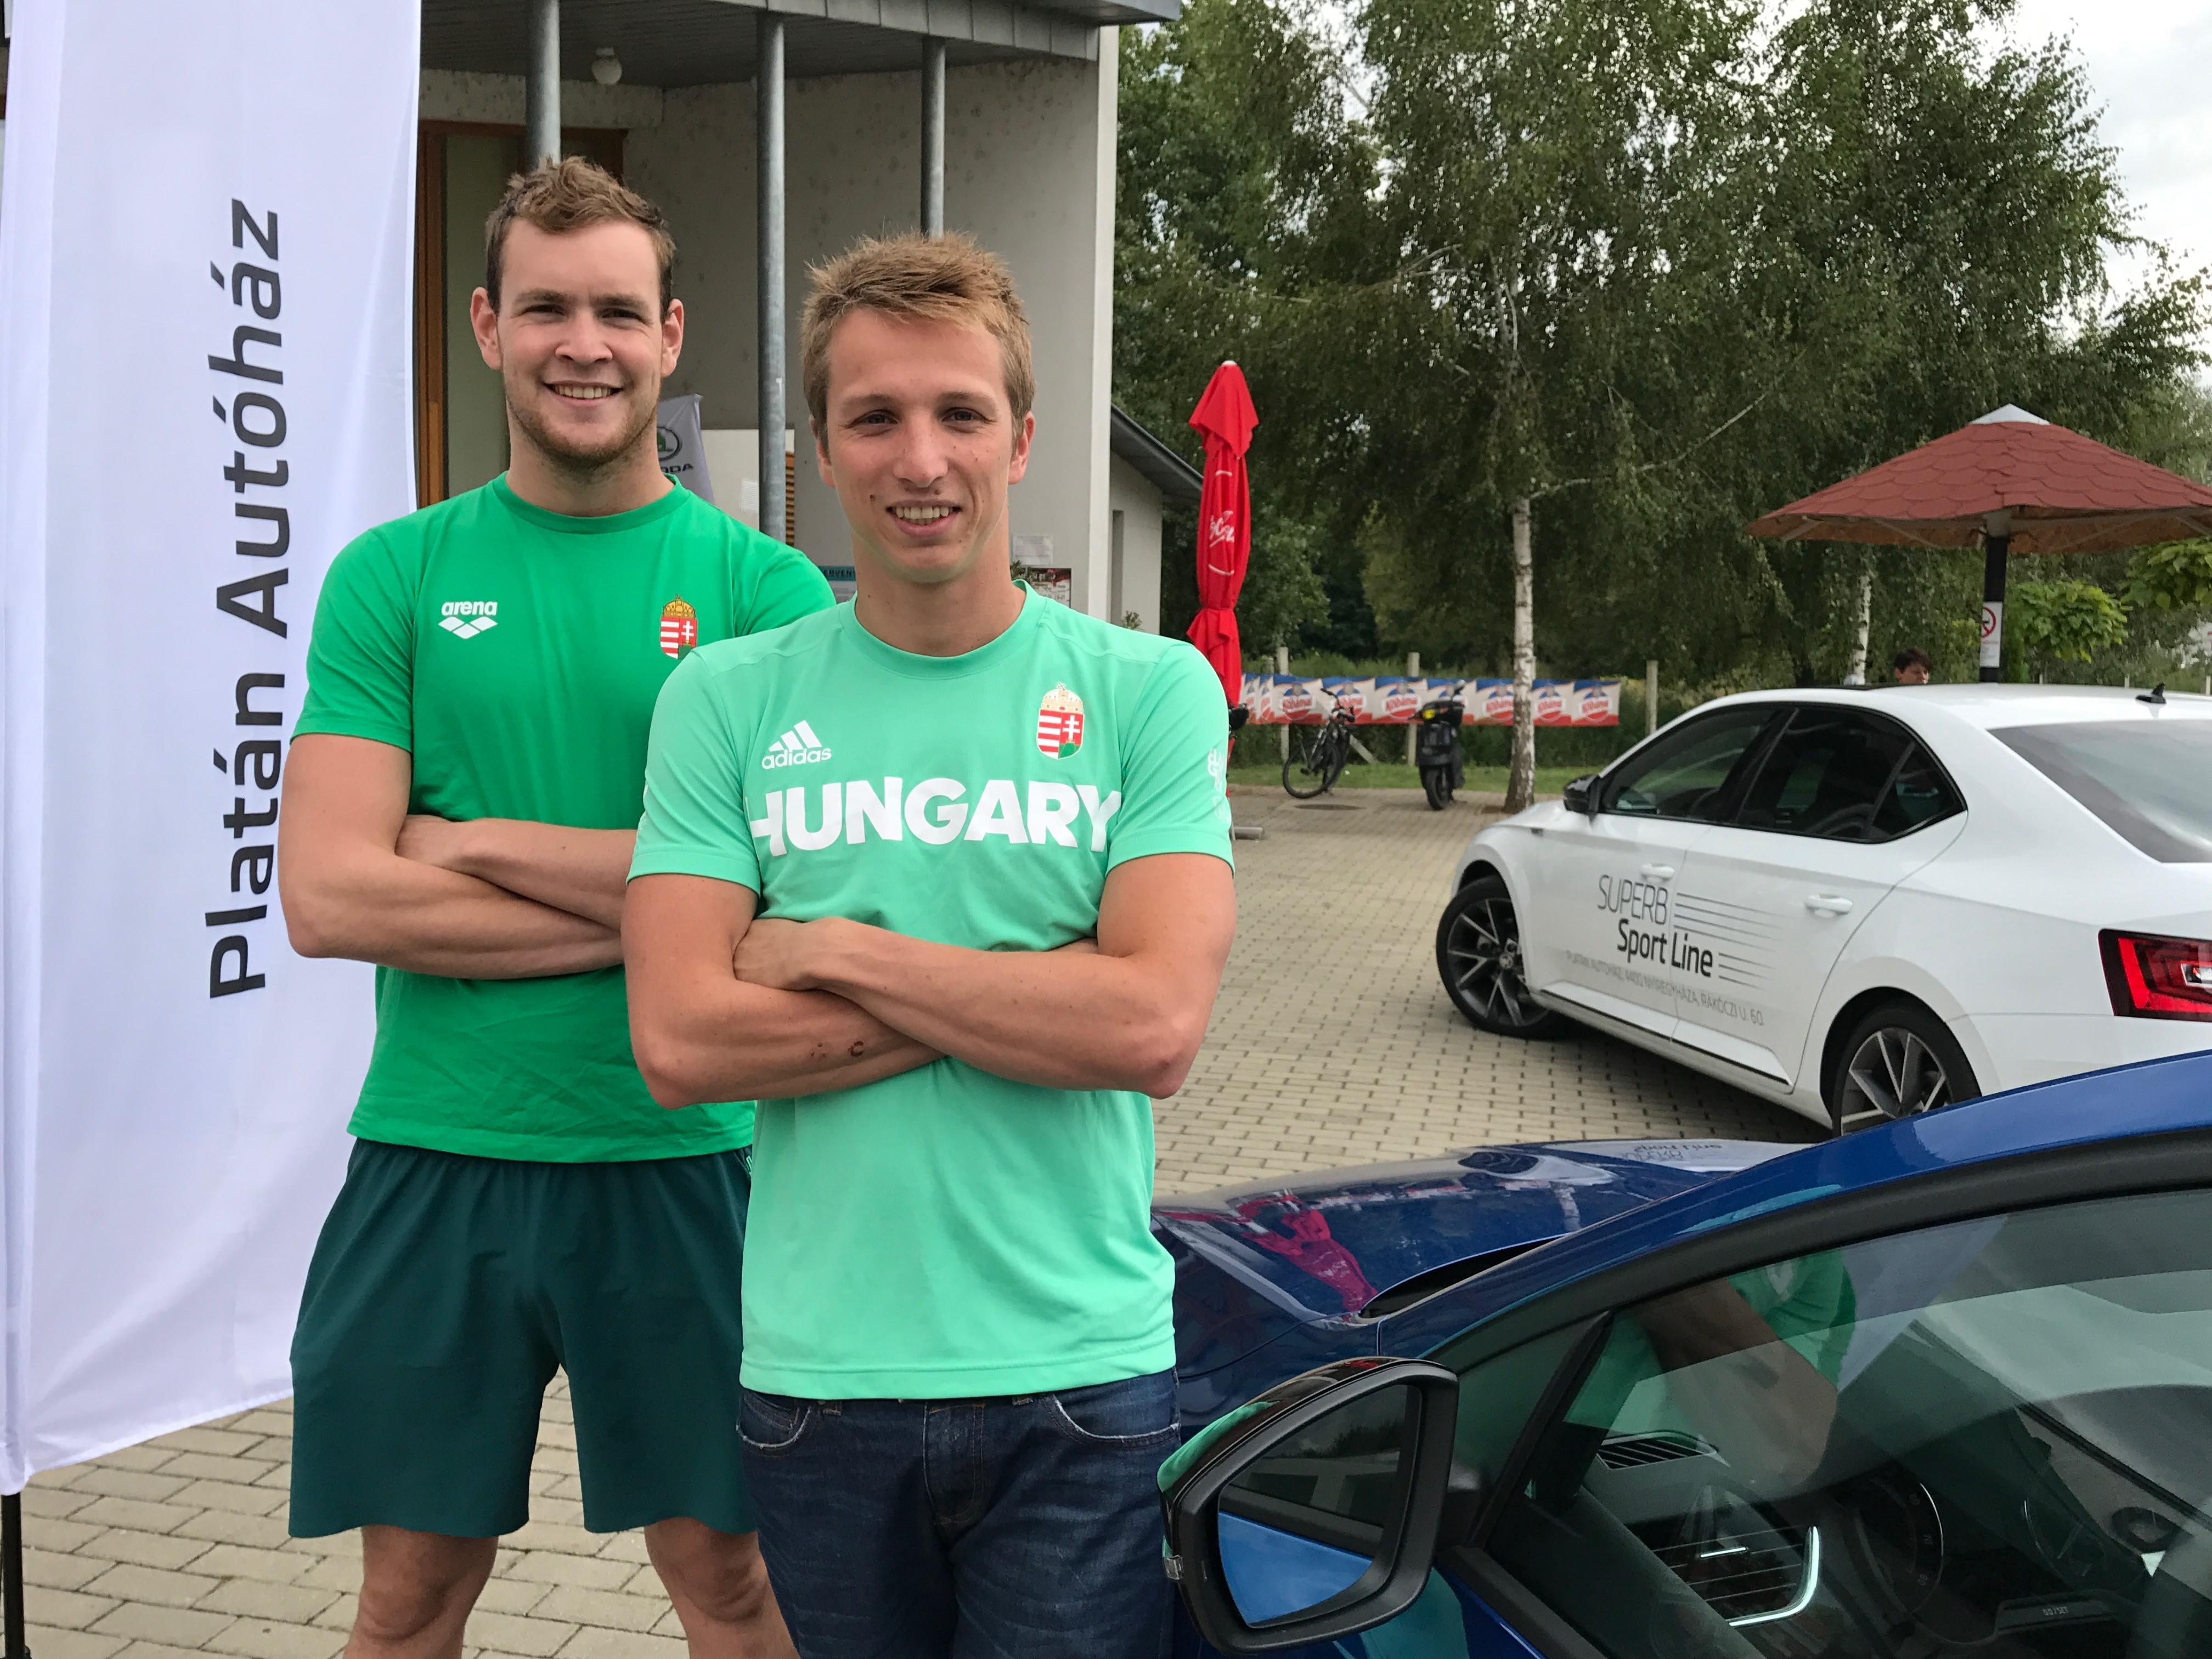 Rekordkísérlet olimpikonokkal és Skodákkal